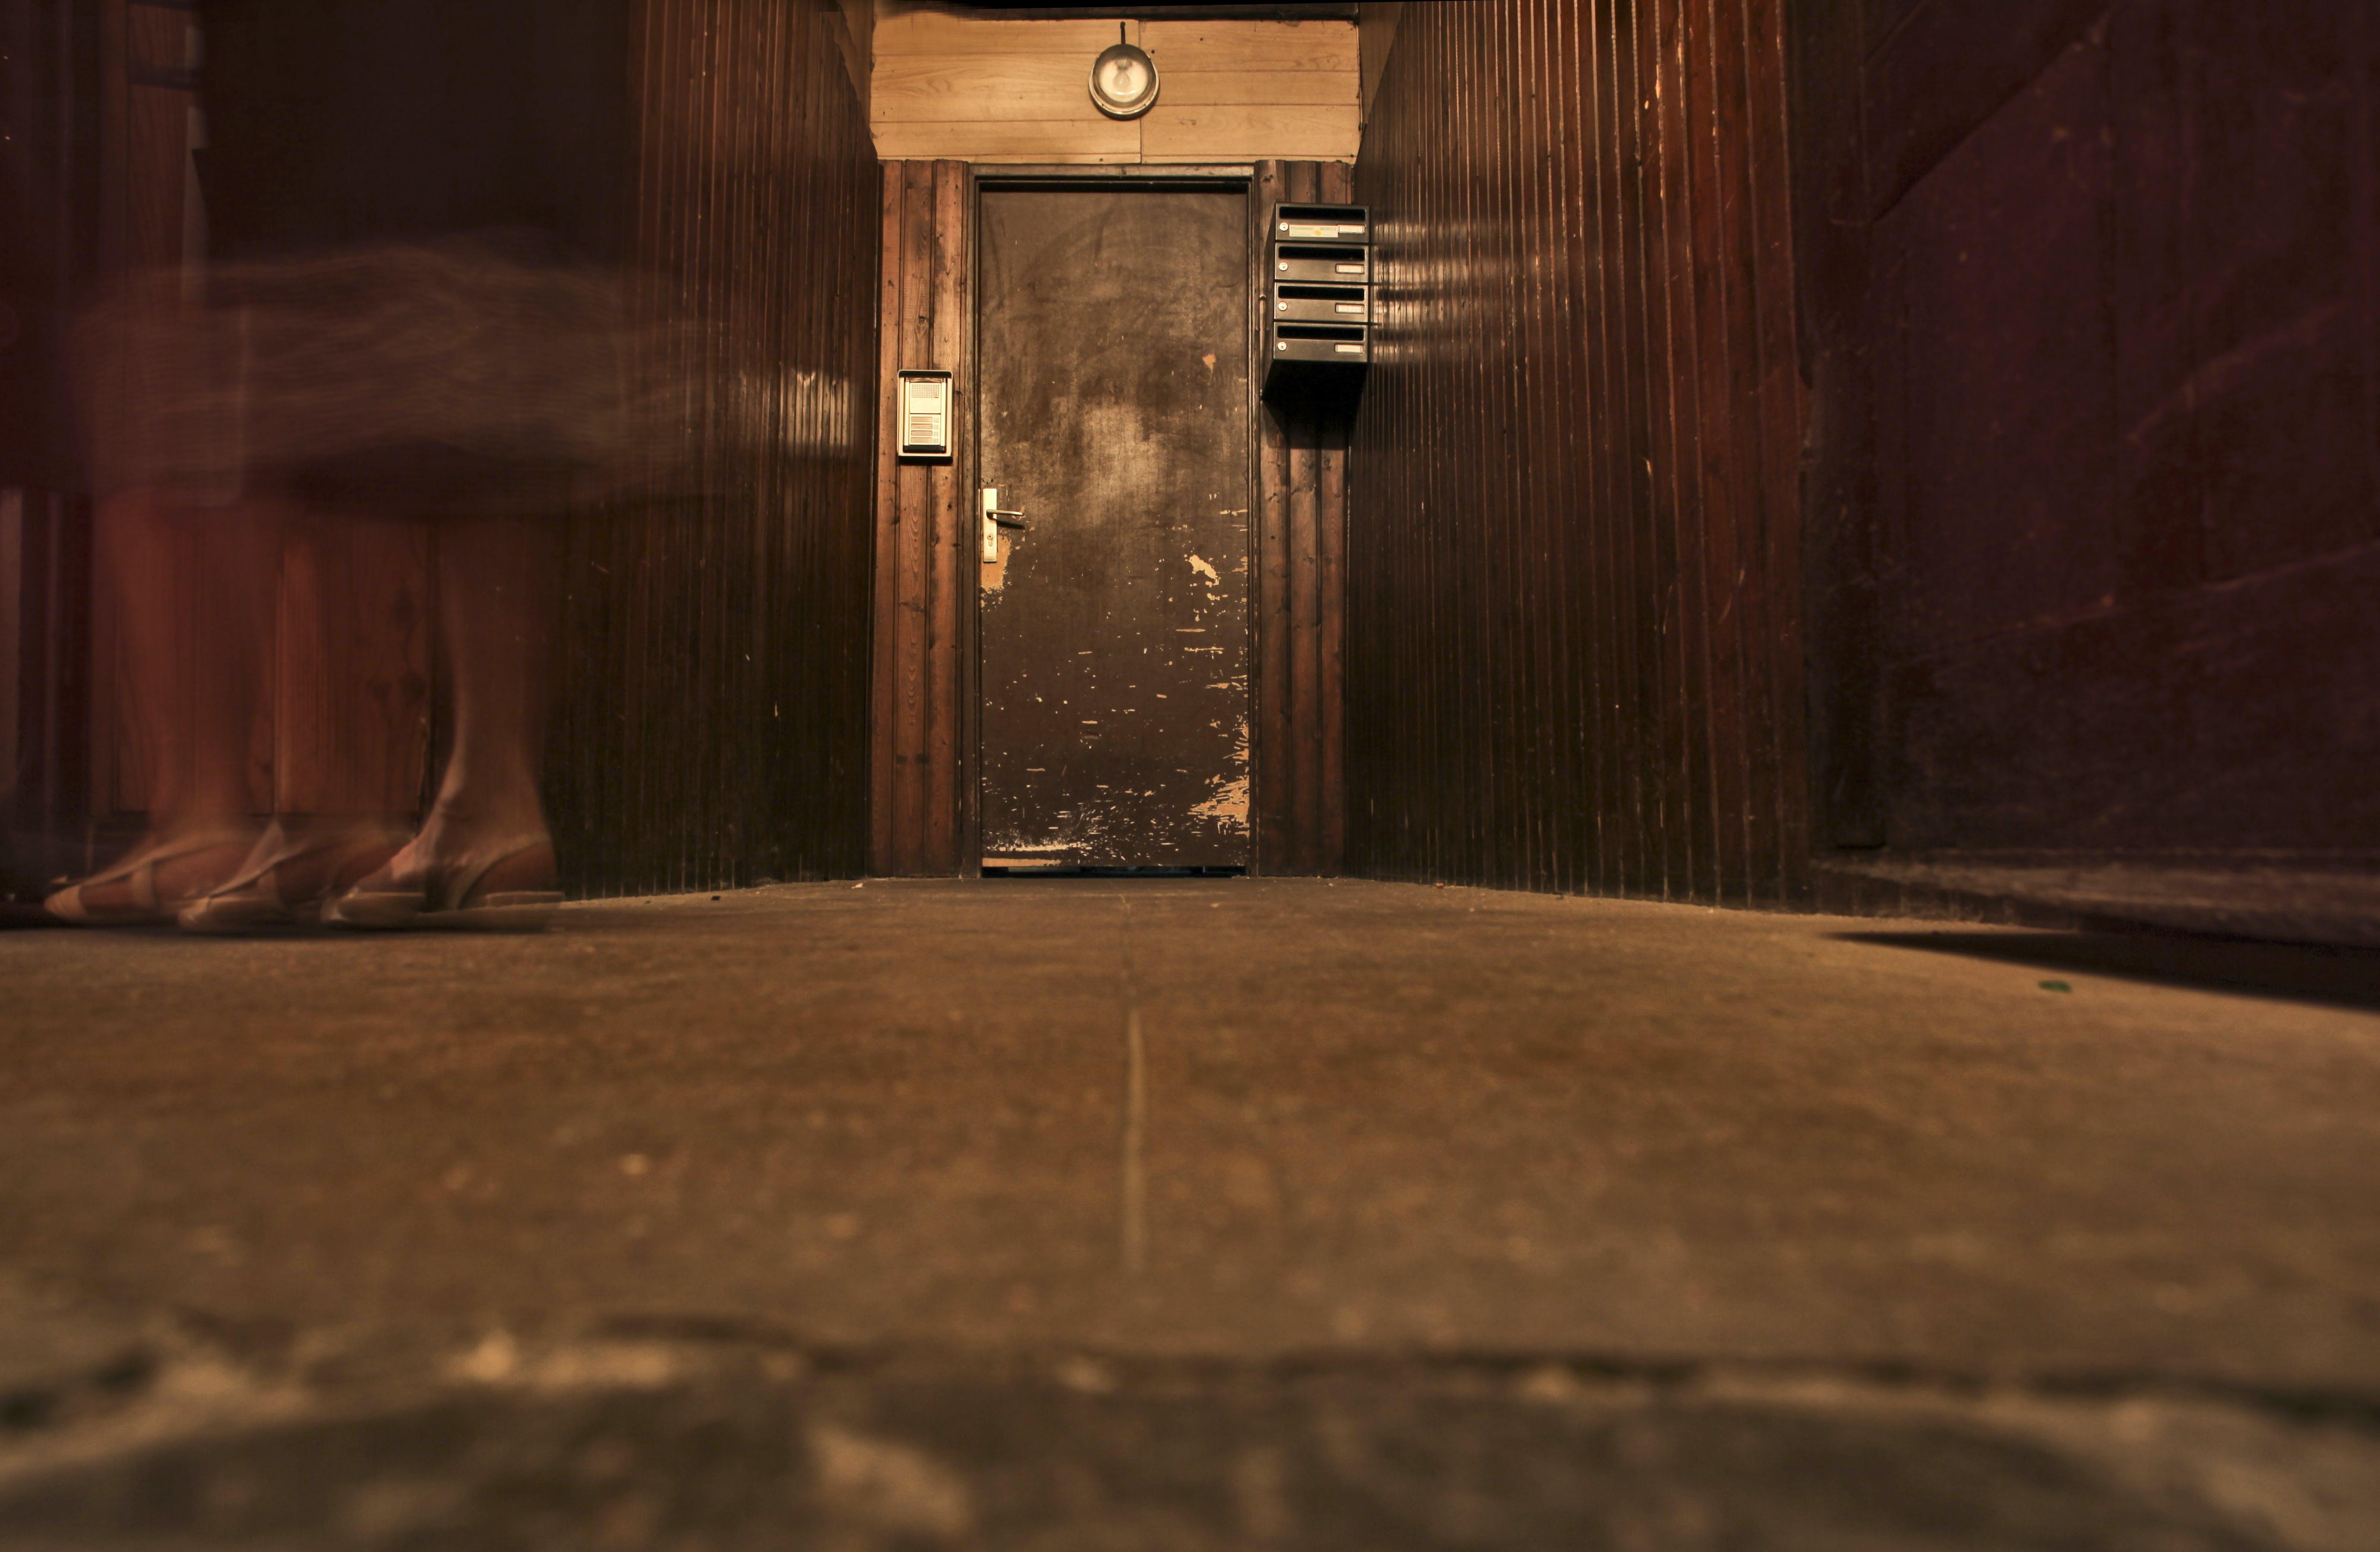 of broken, door, entrance, floor